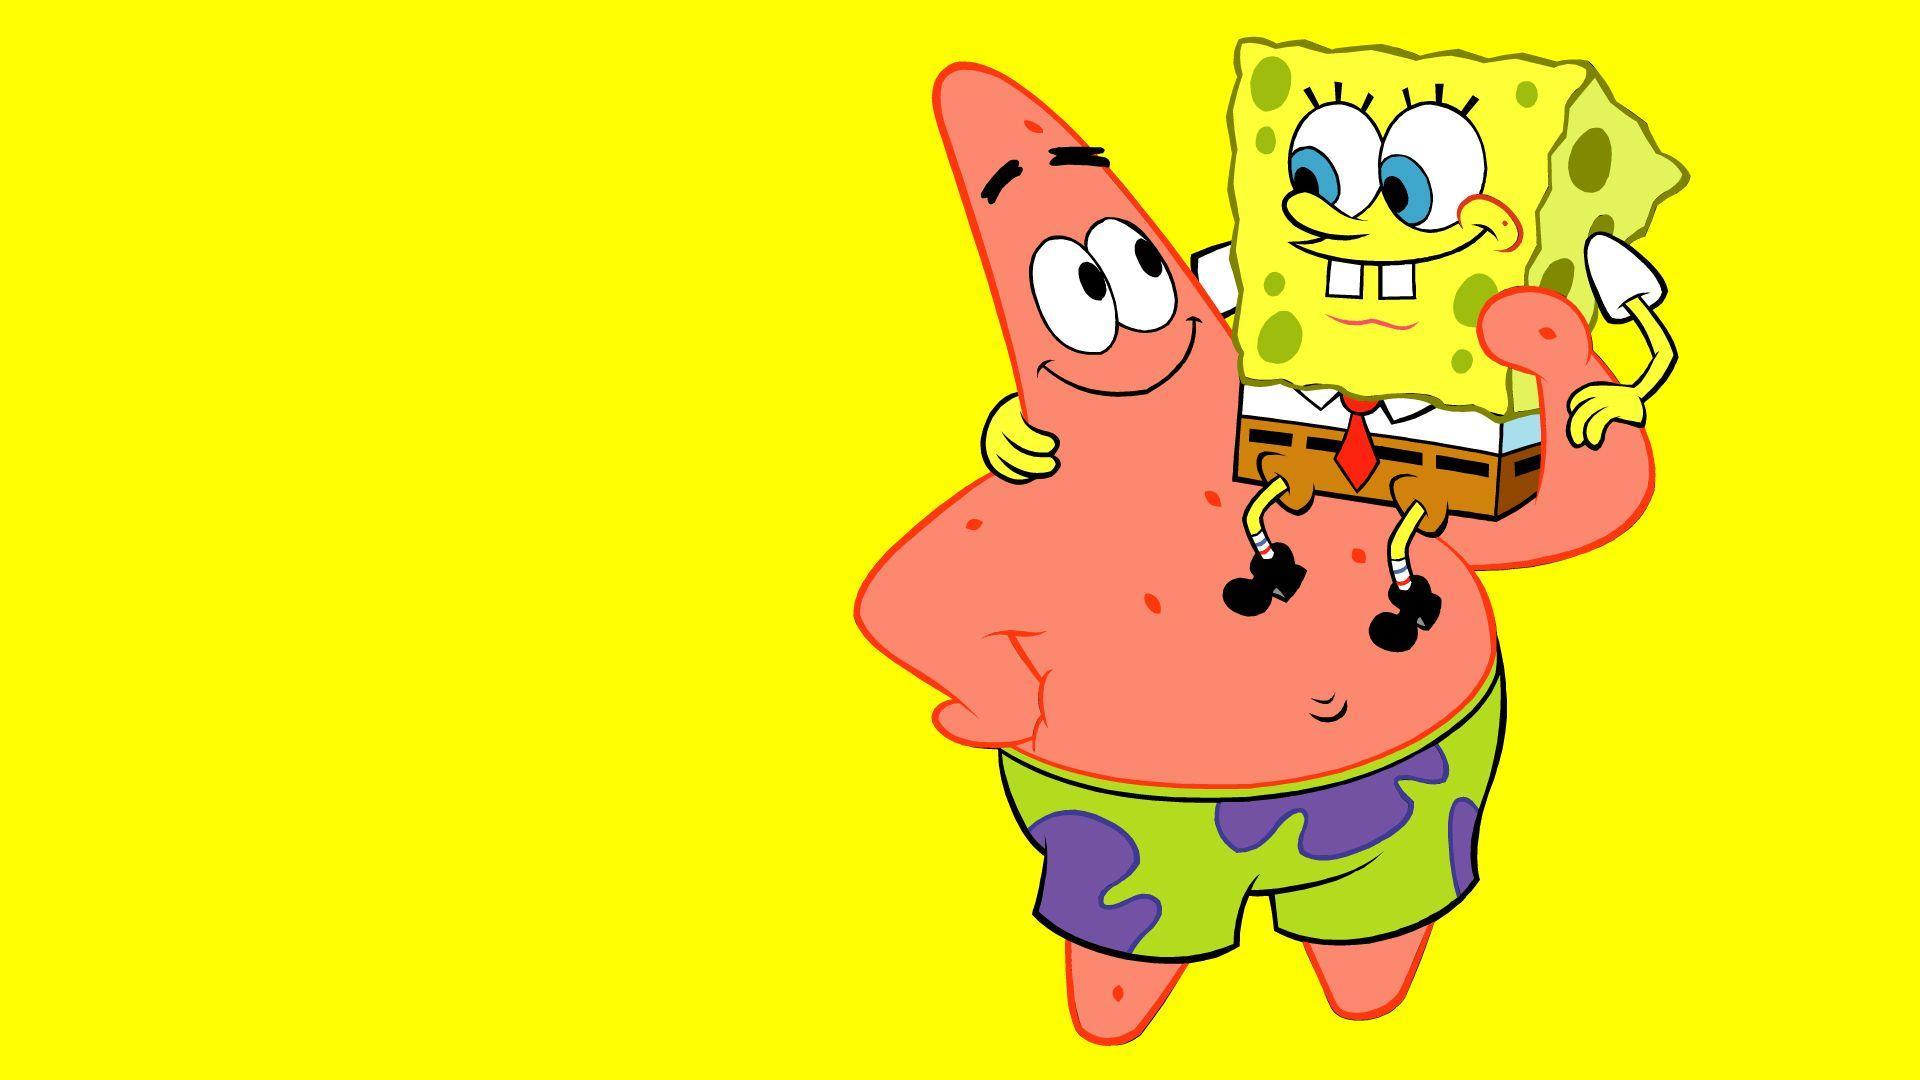 1920x1080 Hình ảnh SpongeBob SquarePants Desktop.  Bách Khoa toàn thư